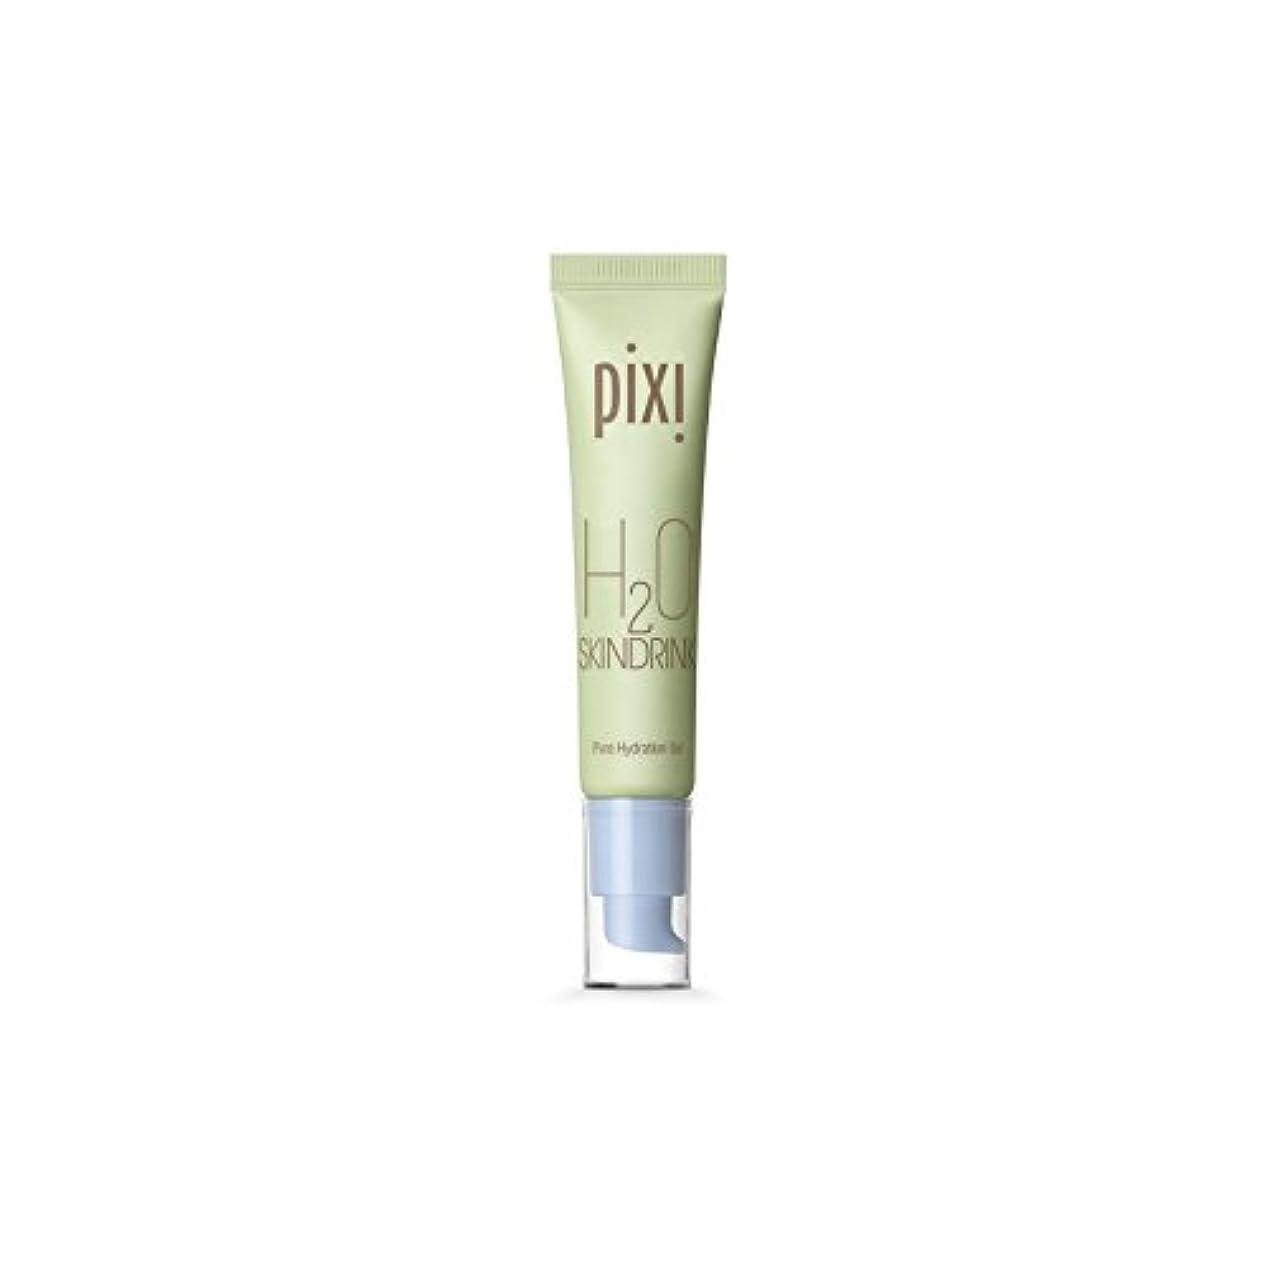 スケルトンエゴマニア予約20スキンドリンク x4 - Pixi H20 Skin Drink (Pack of 4) [並行輸入品]